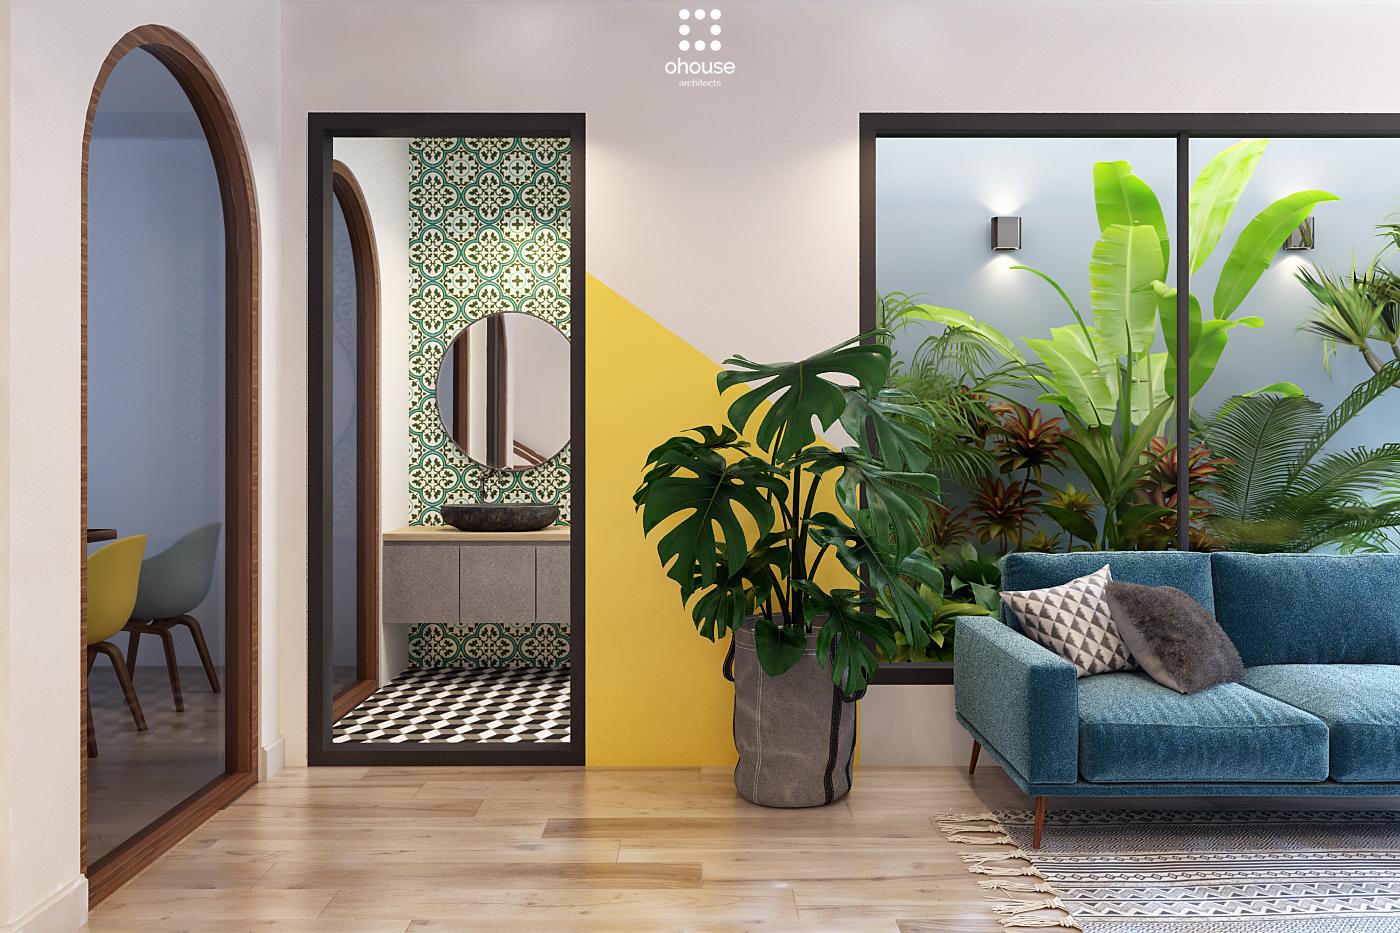 Thiết kế nội thất Nhà Mặt Phố tại Hồ Chí Minh Nội thất Nhà Phố Hà Đô 1590593251 13